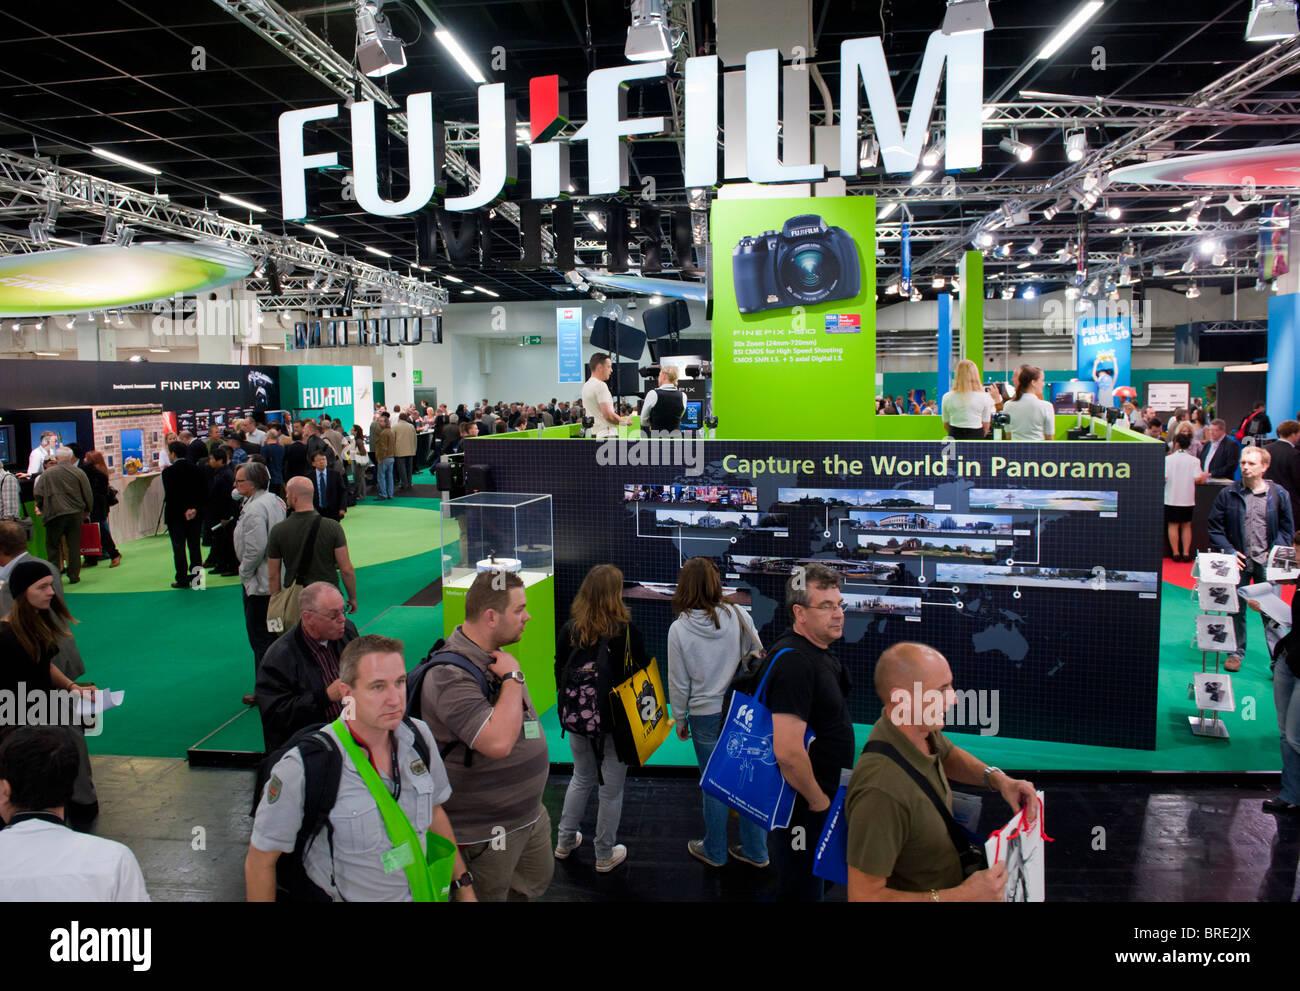 La foule passant à la Photokina stand Fujifilm digital imaging trade show à Cologne Allemagne Banque D'Images